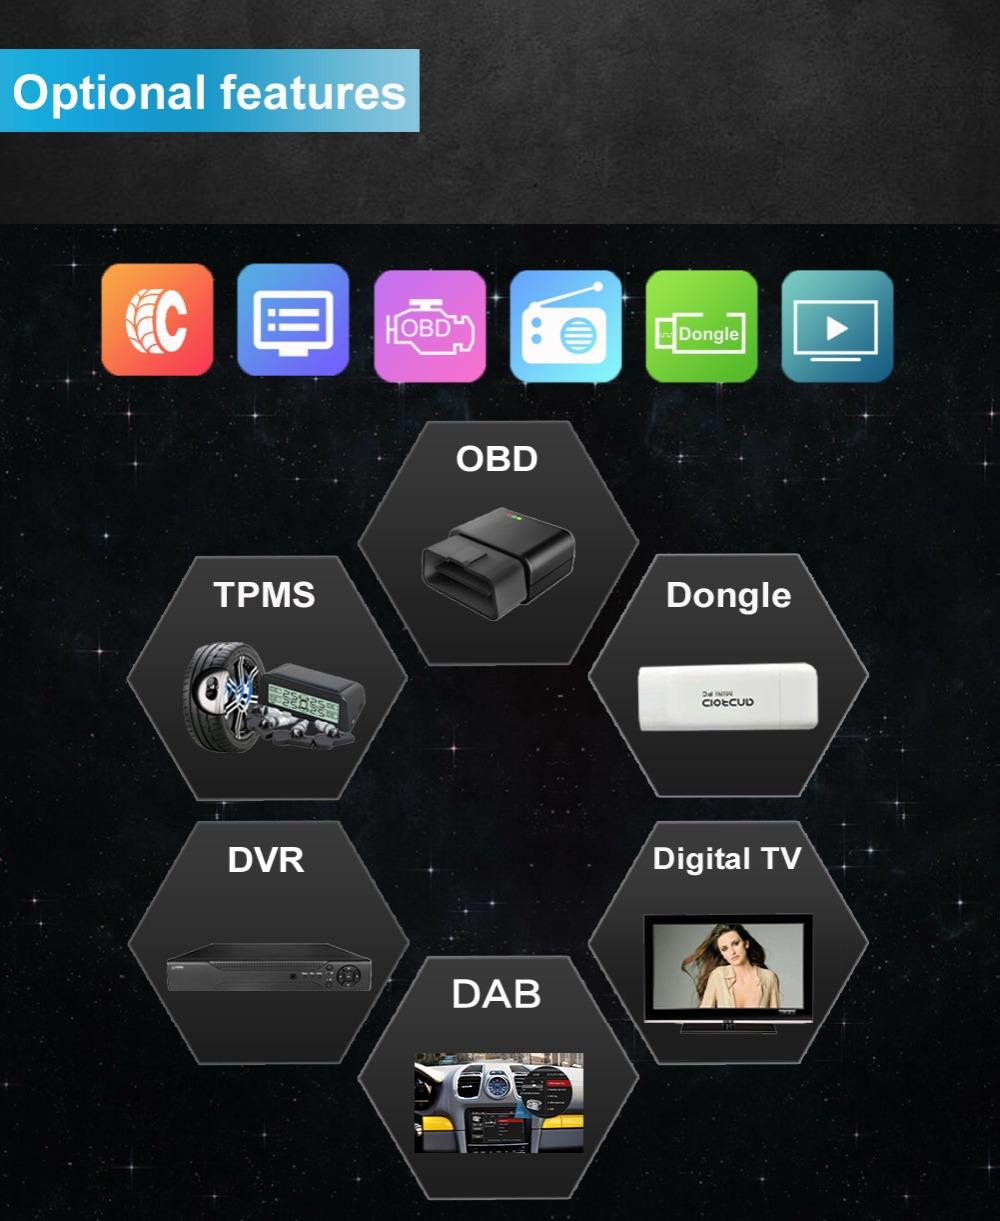 HTB1E5HRXzDuK1Rjy1zjq6zraFXaV - Quad Core Pure Android 7.1 GPS Navigator Radio car dvd For Dacia Renault Duster Logan Sandero stereo Central Cassette Player